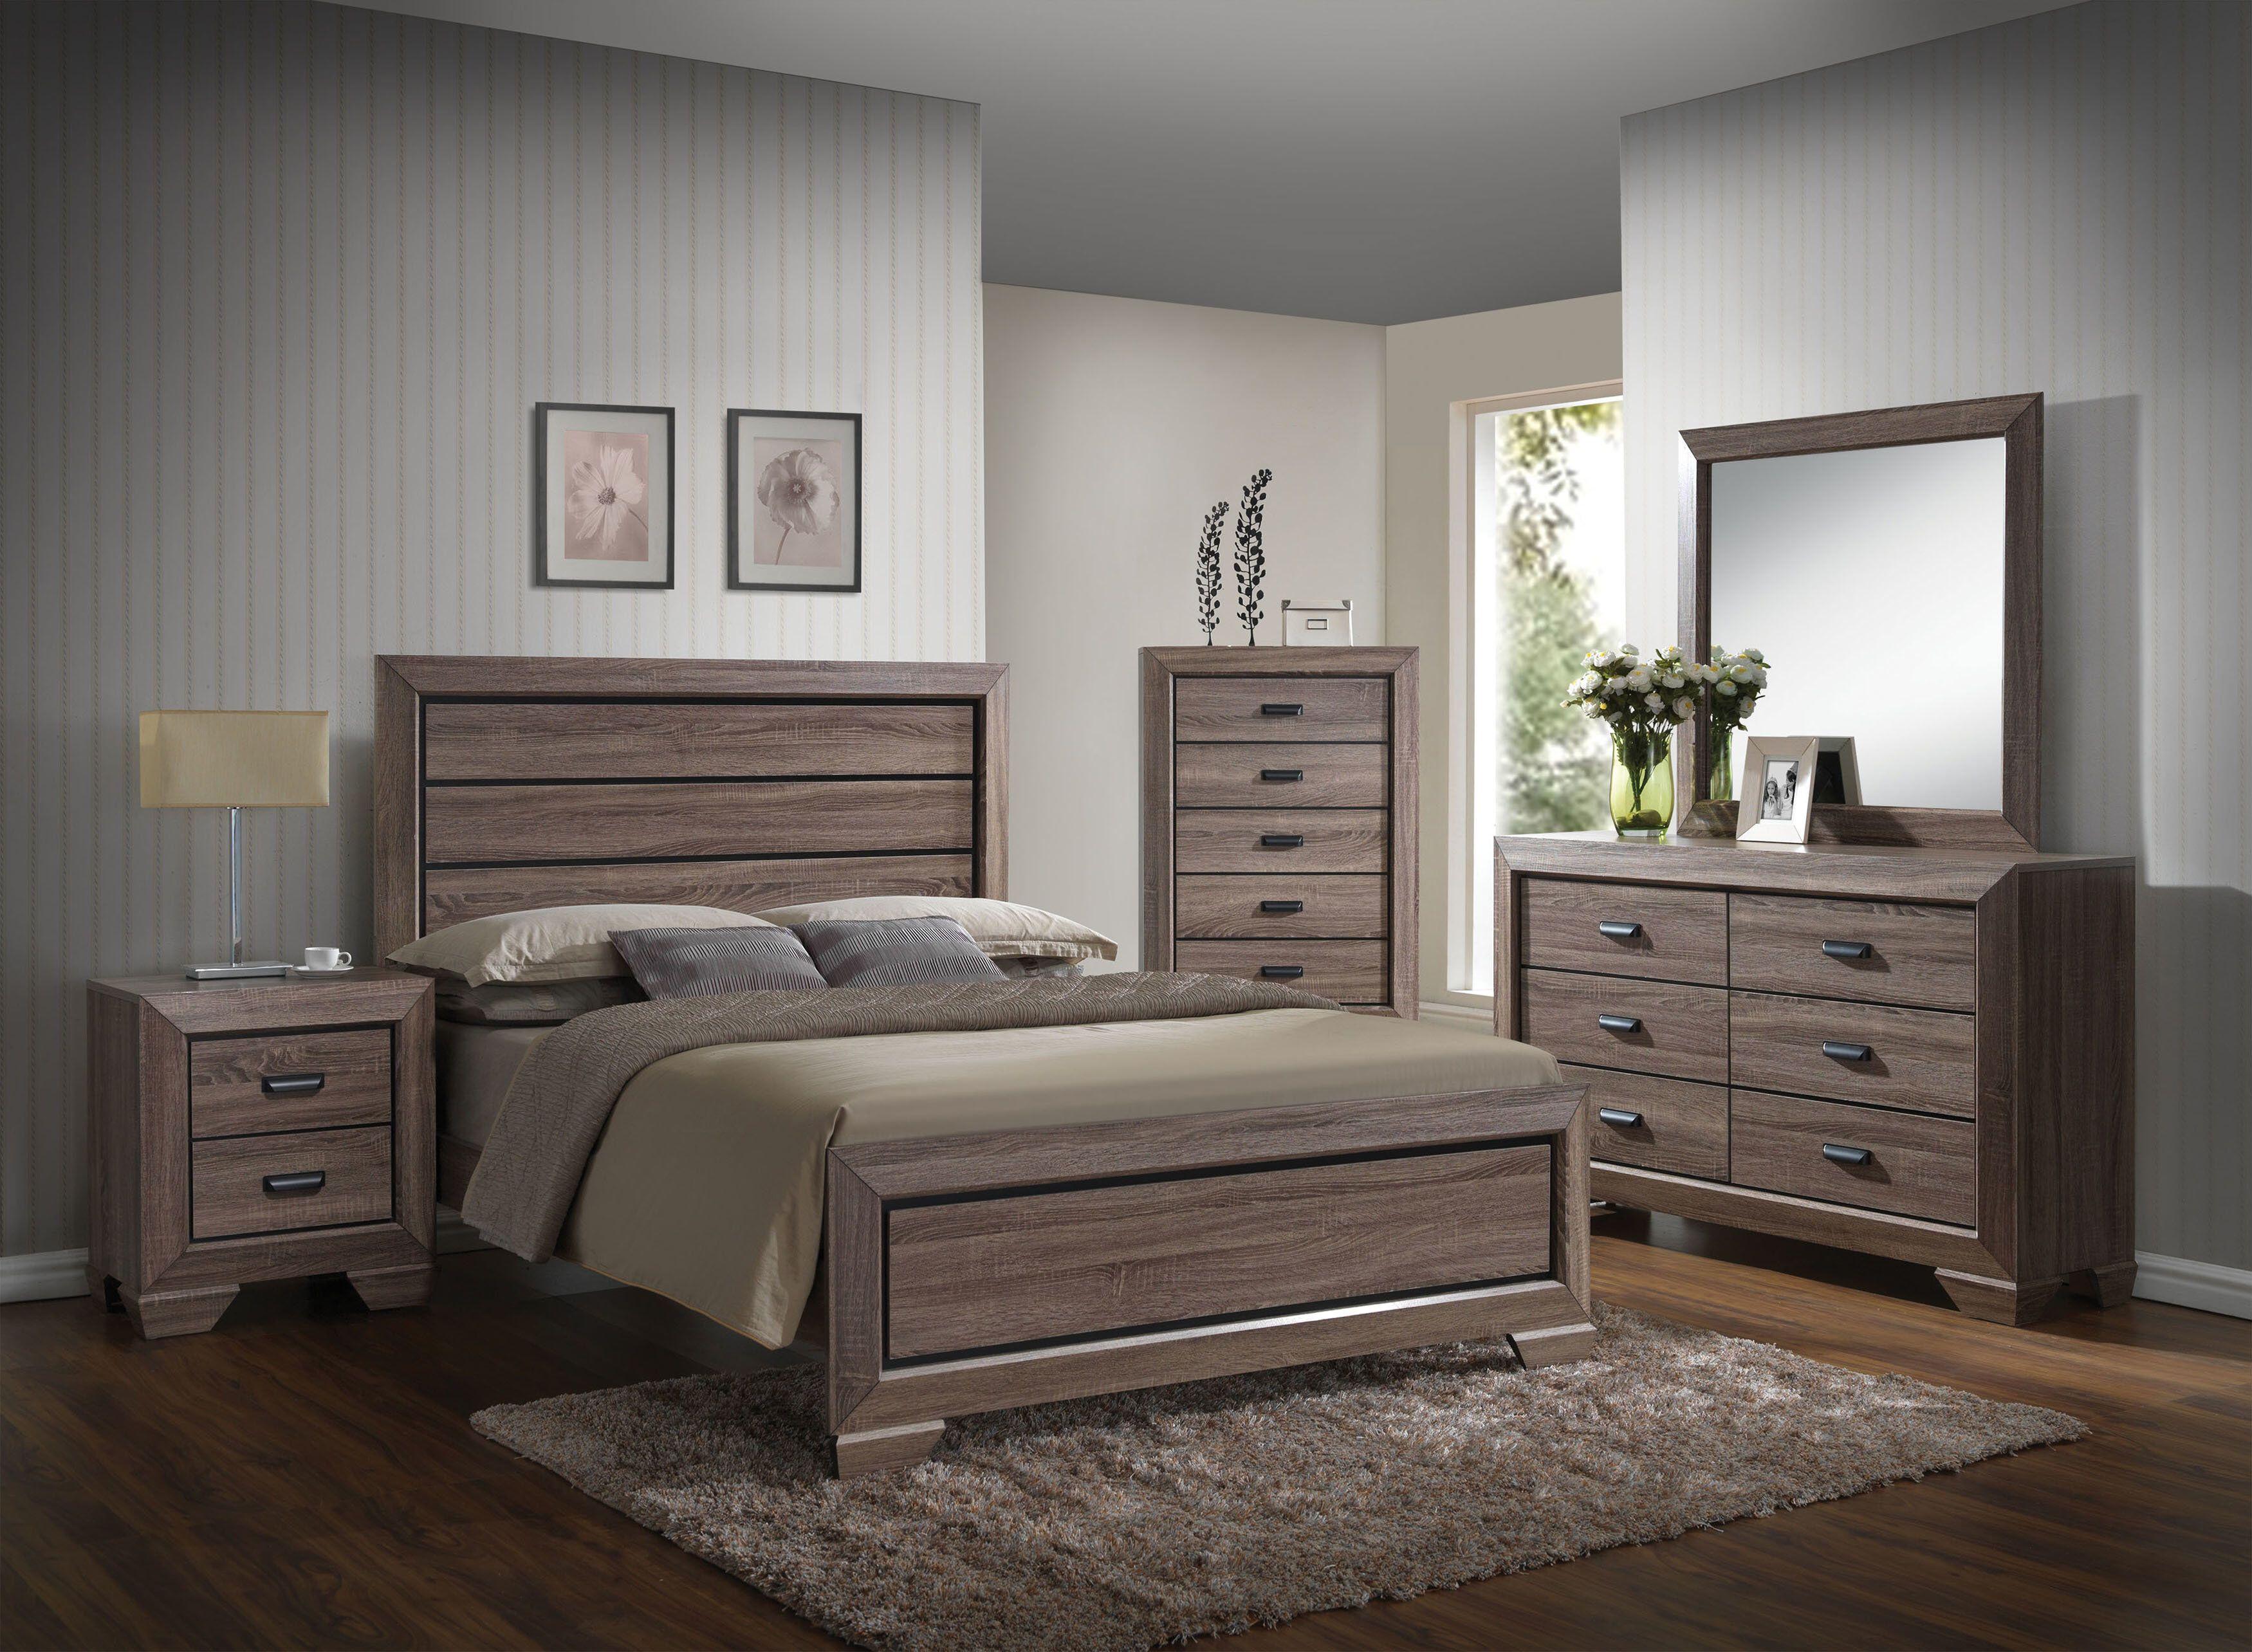 Weldy Standard Configurable Bedroom Set Modern Bedroom Furniture Bedroom Sets Queen Queen Sized Bedroom Sets